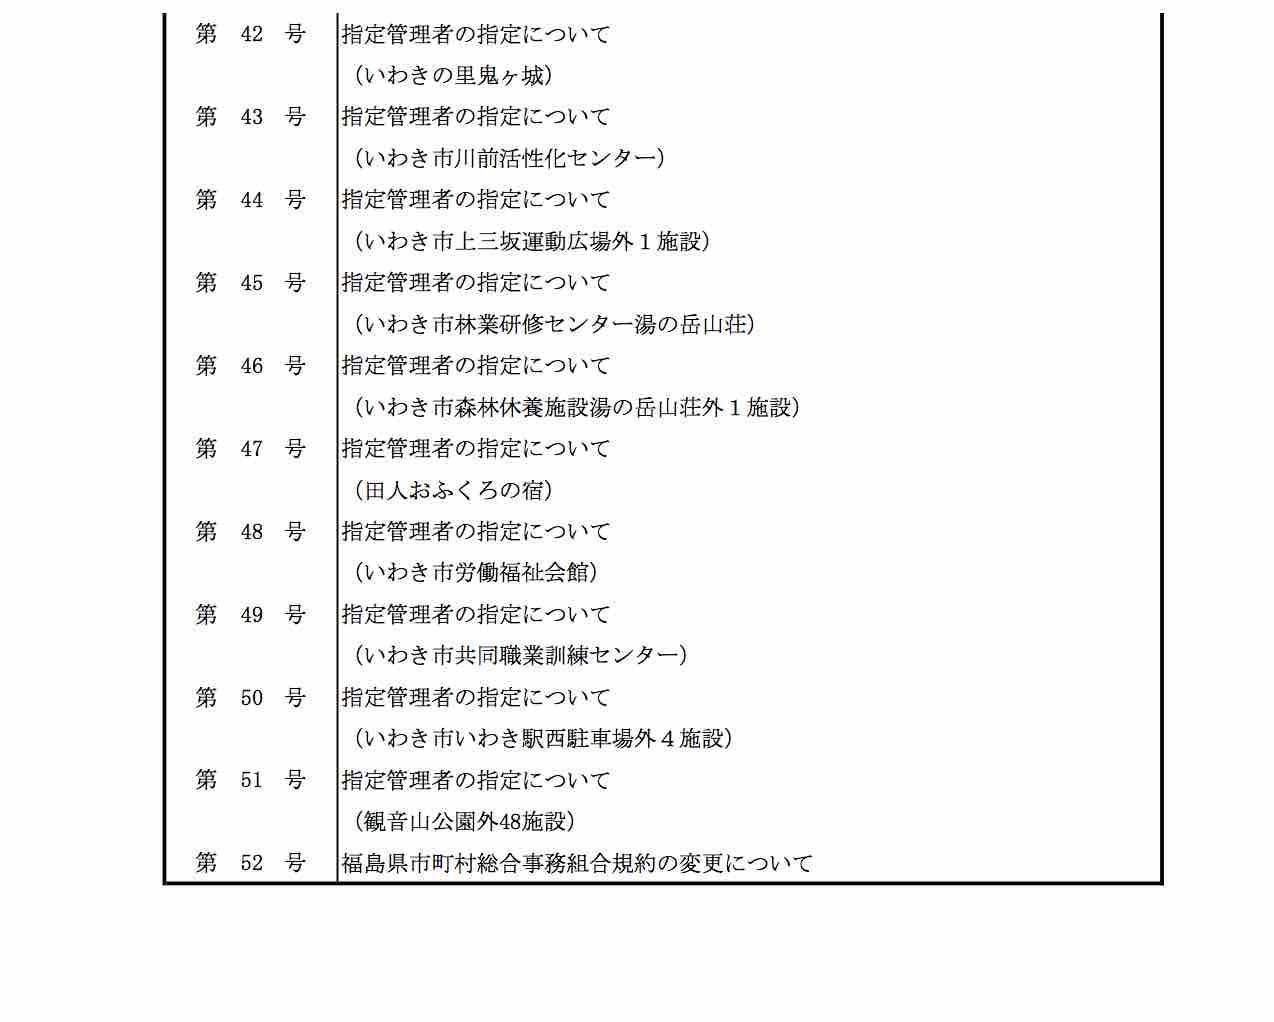 11月定例会の日程と議案_e0068696_86835.jpg